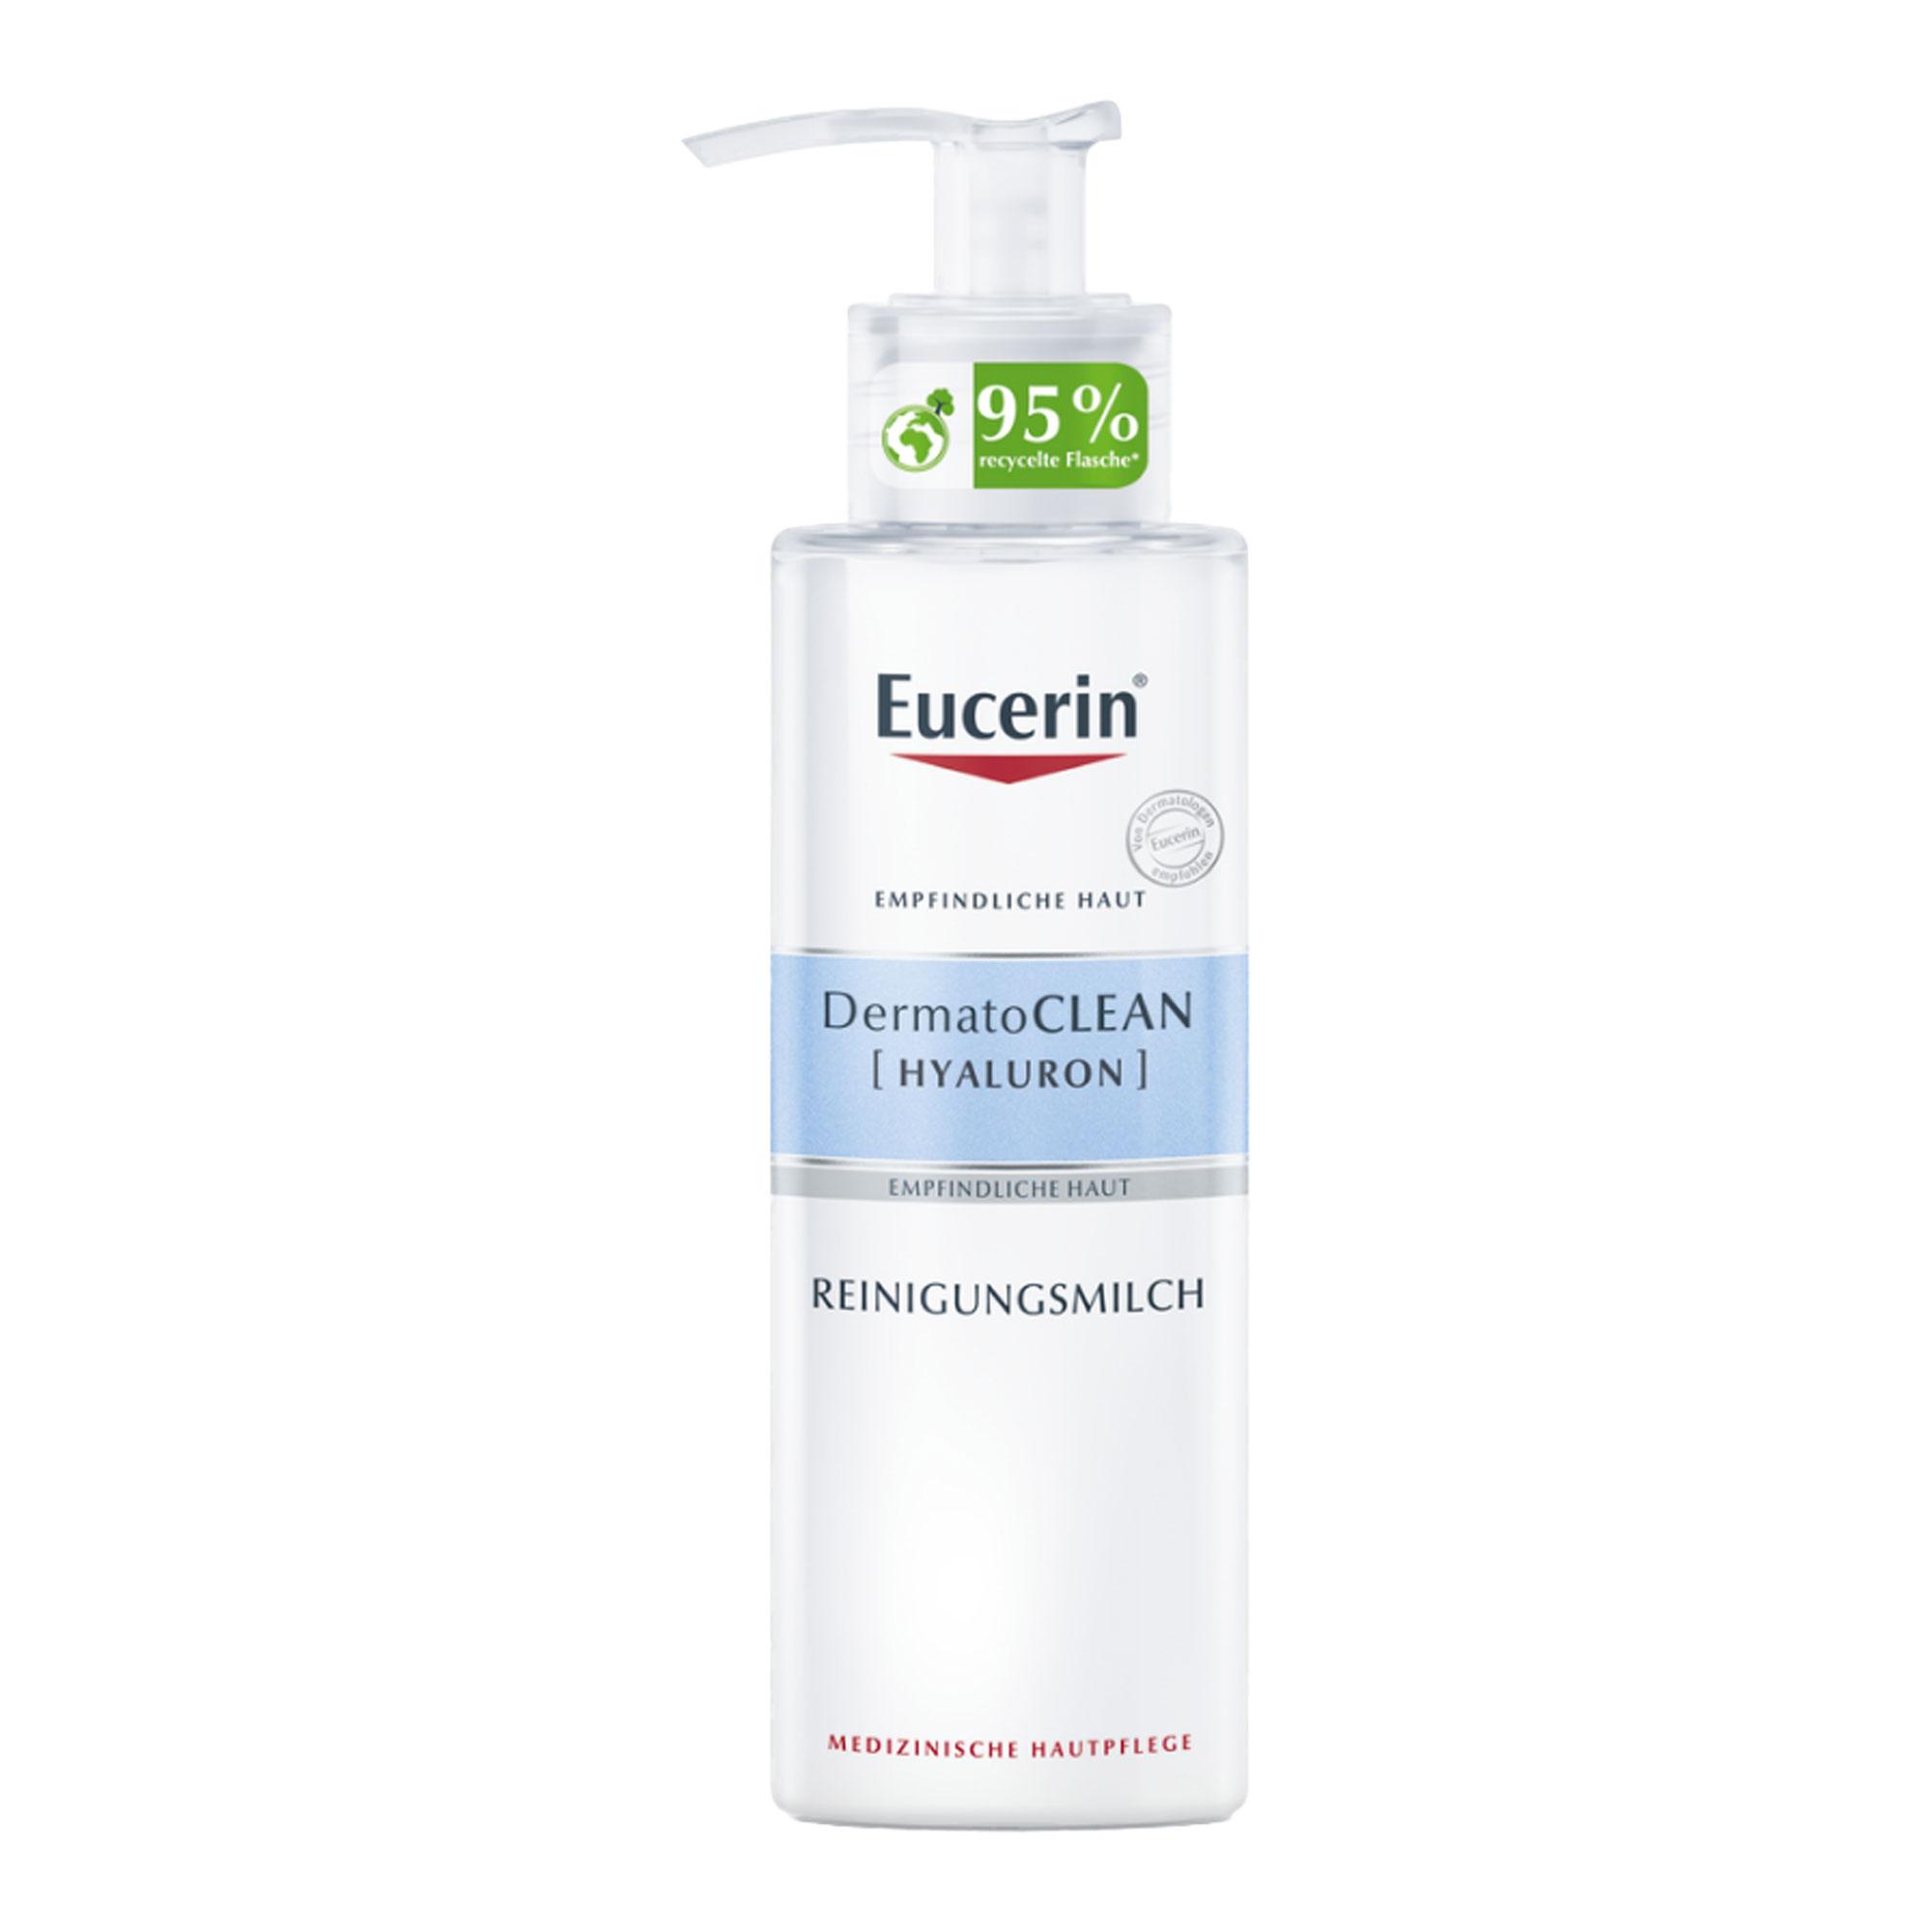 Eucerin DermatoCLEAN Hyaluron Reinigungsmilch